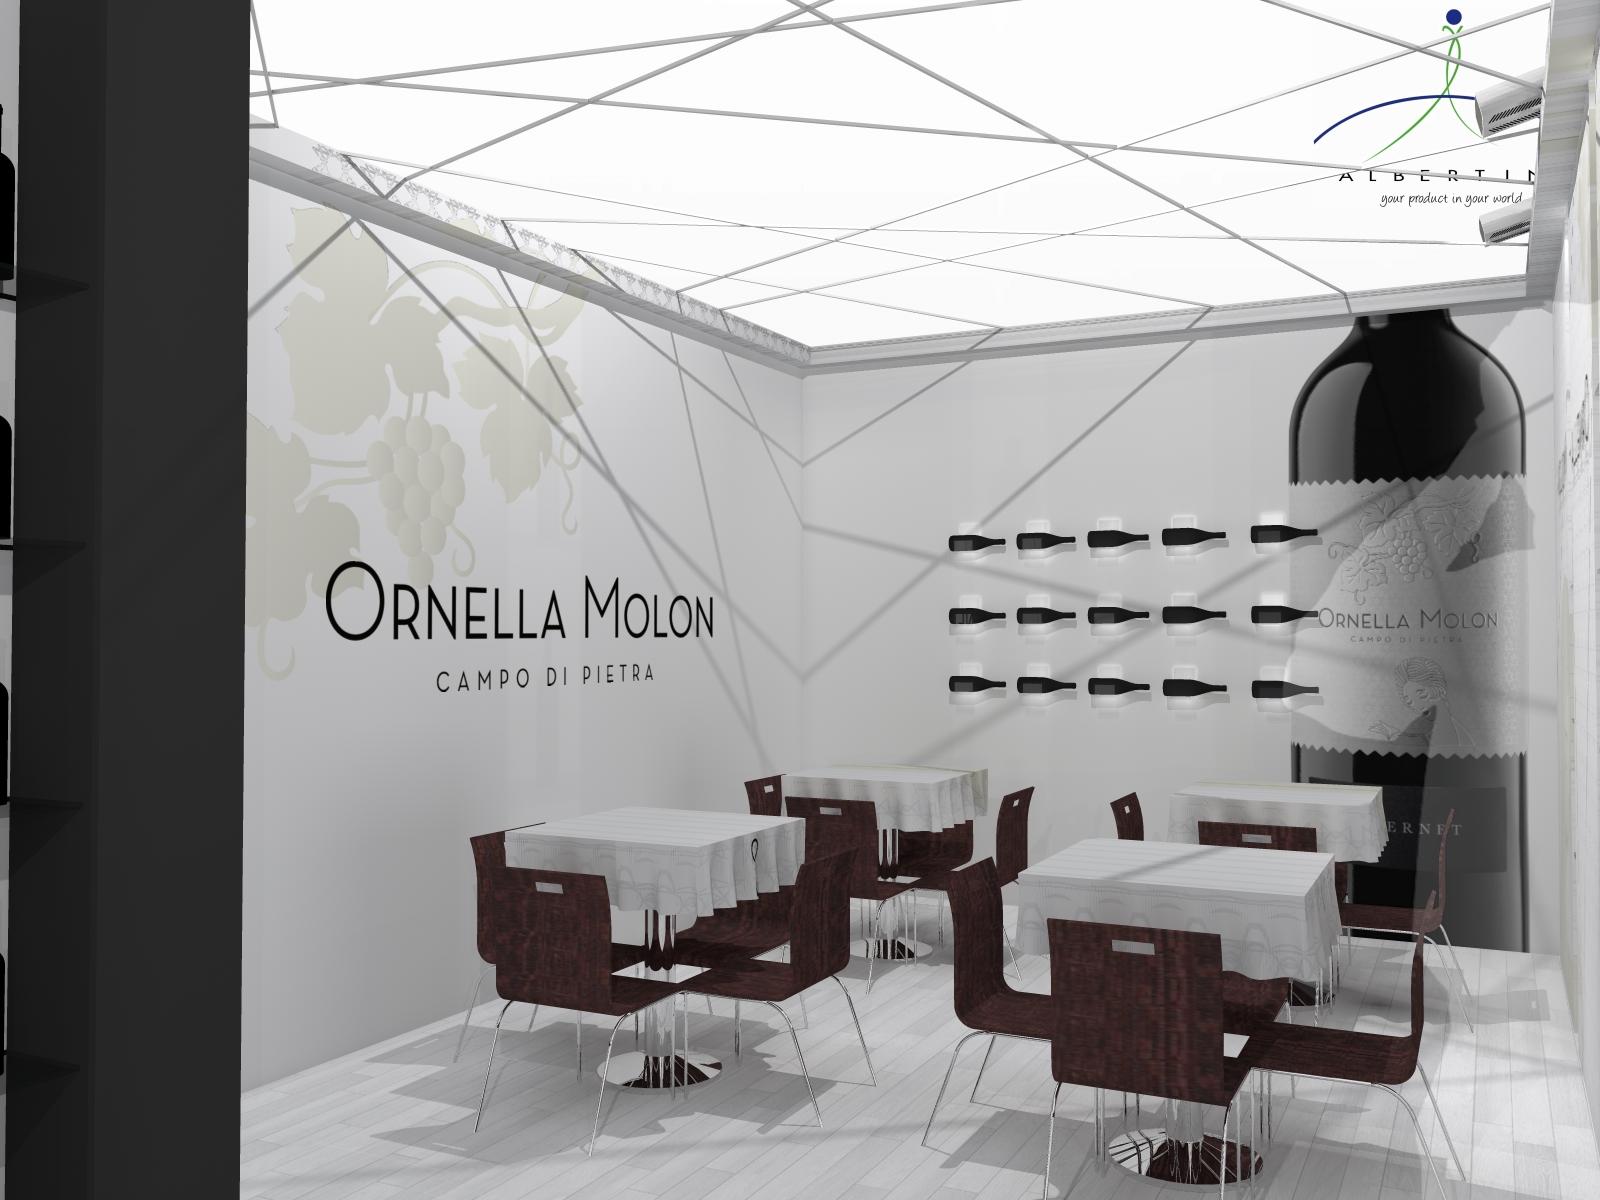 ornella molon 1.5.jpg